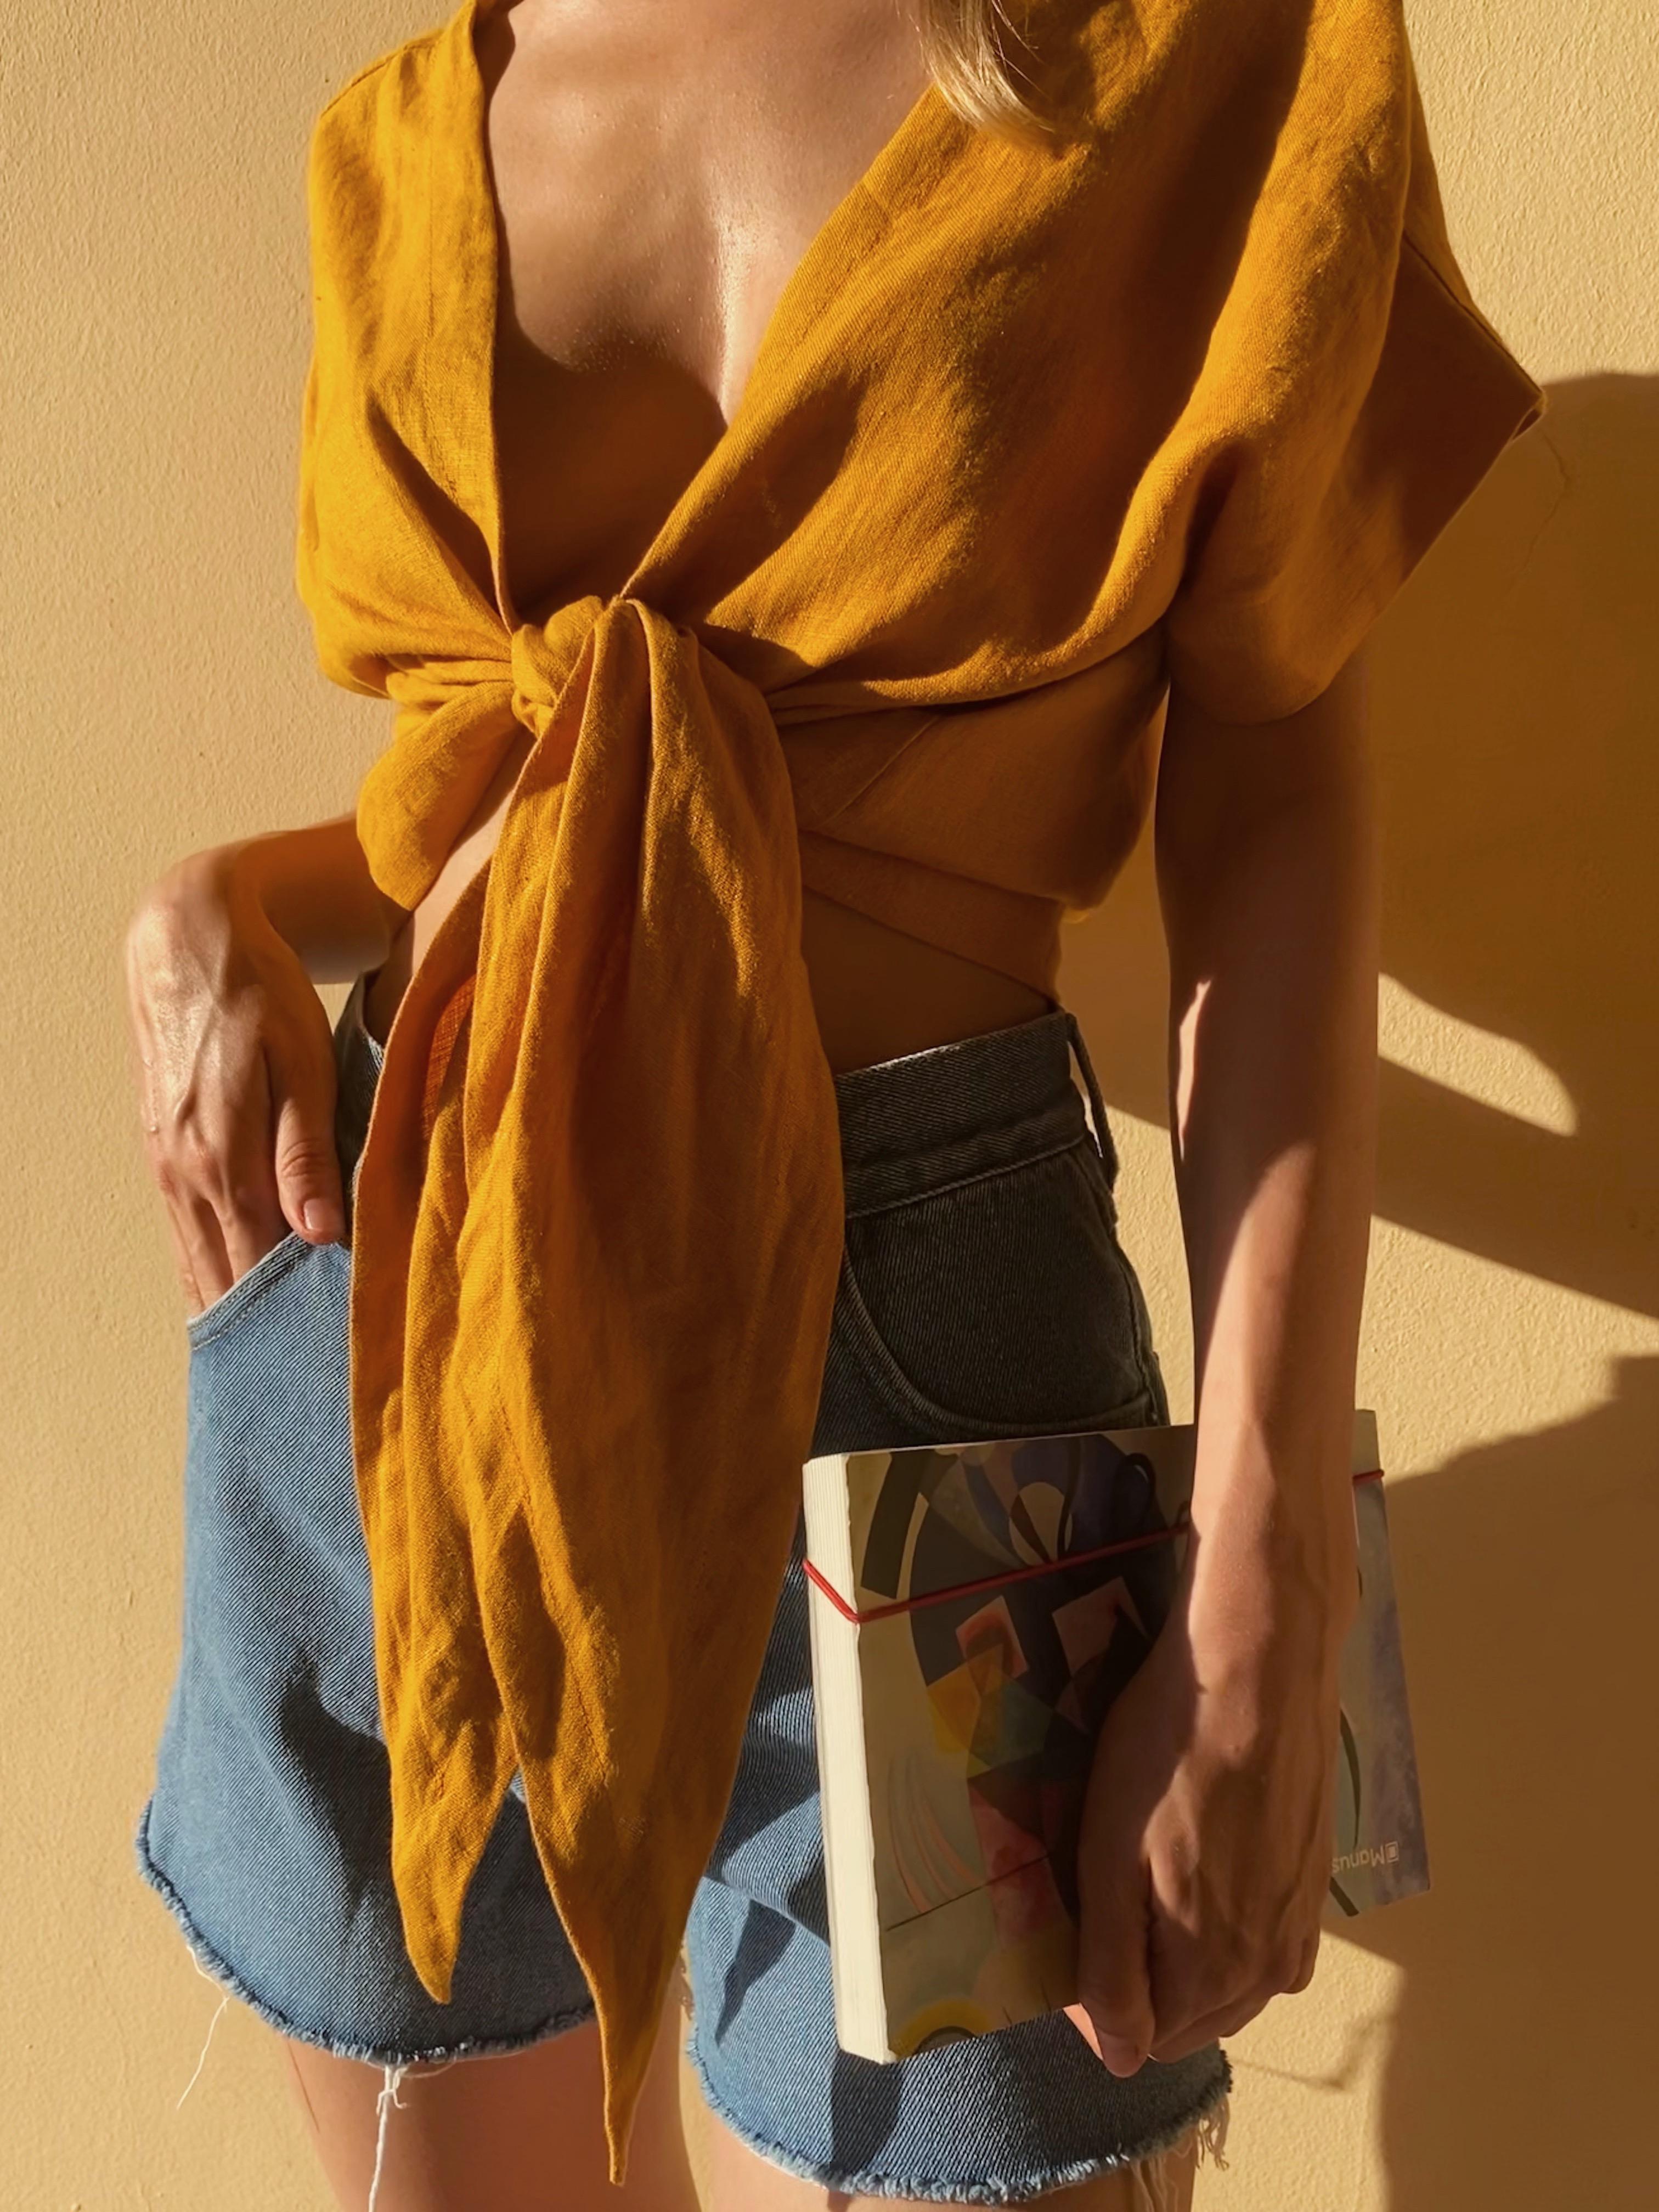 Жовтий лляний топ з відкритою спиною